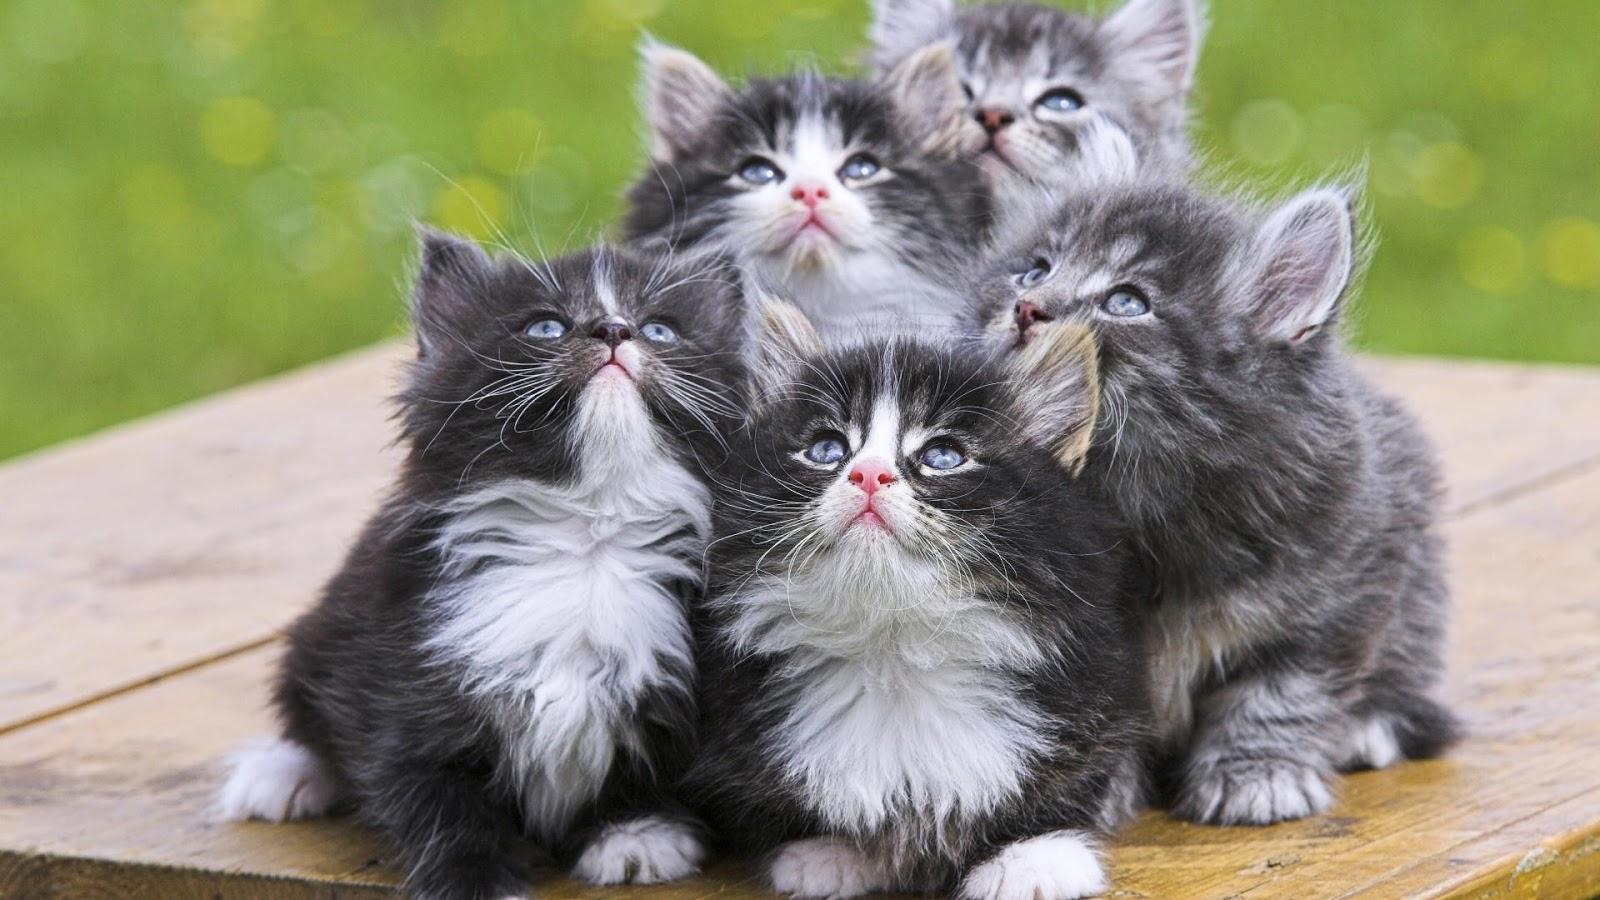 بالصور اجمل الصور للقطط في العالم , احلي صور قطط 6581 4